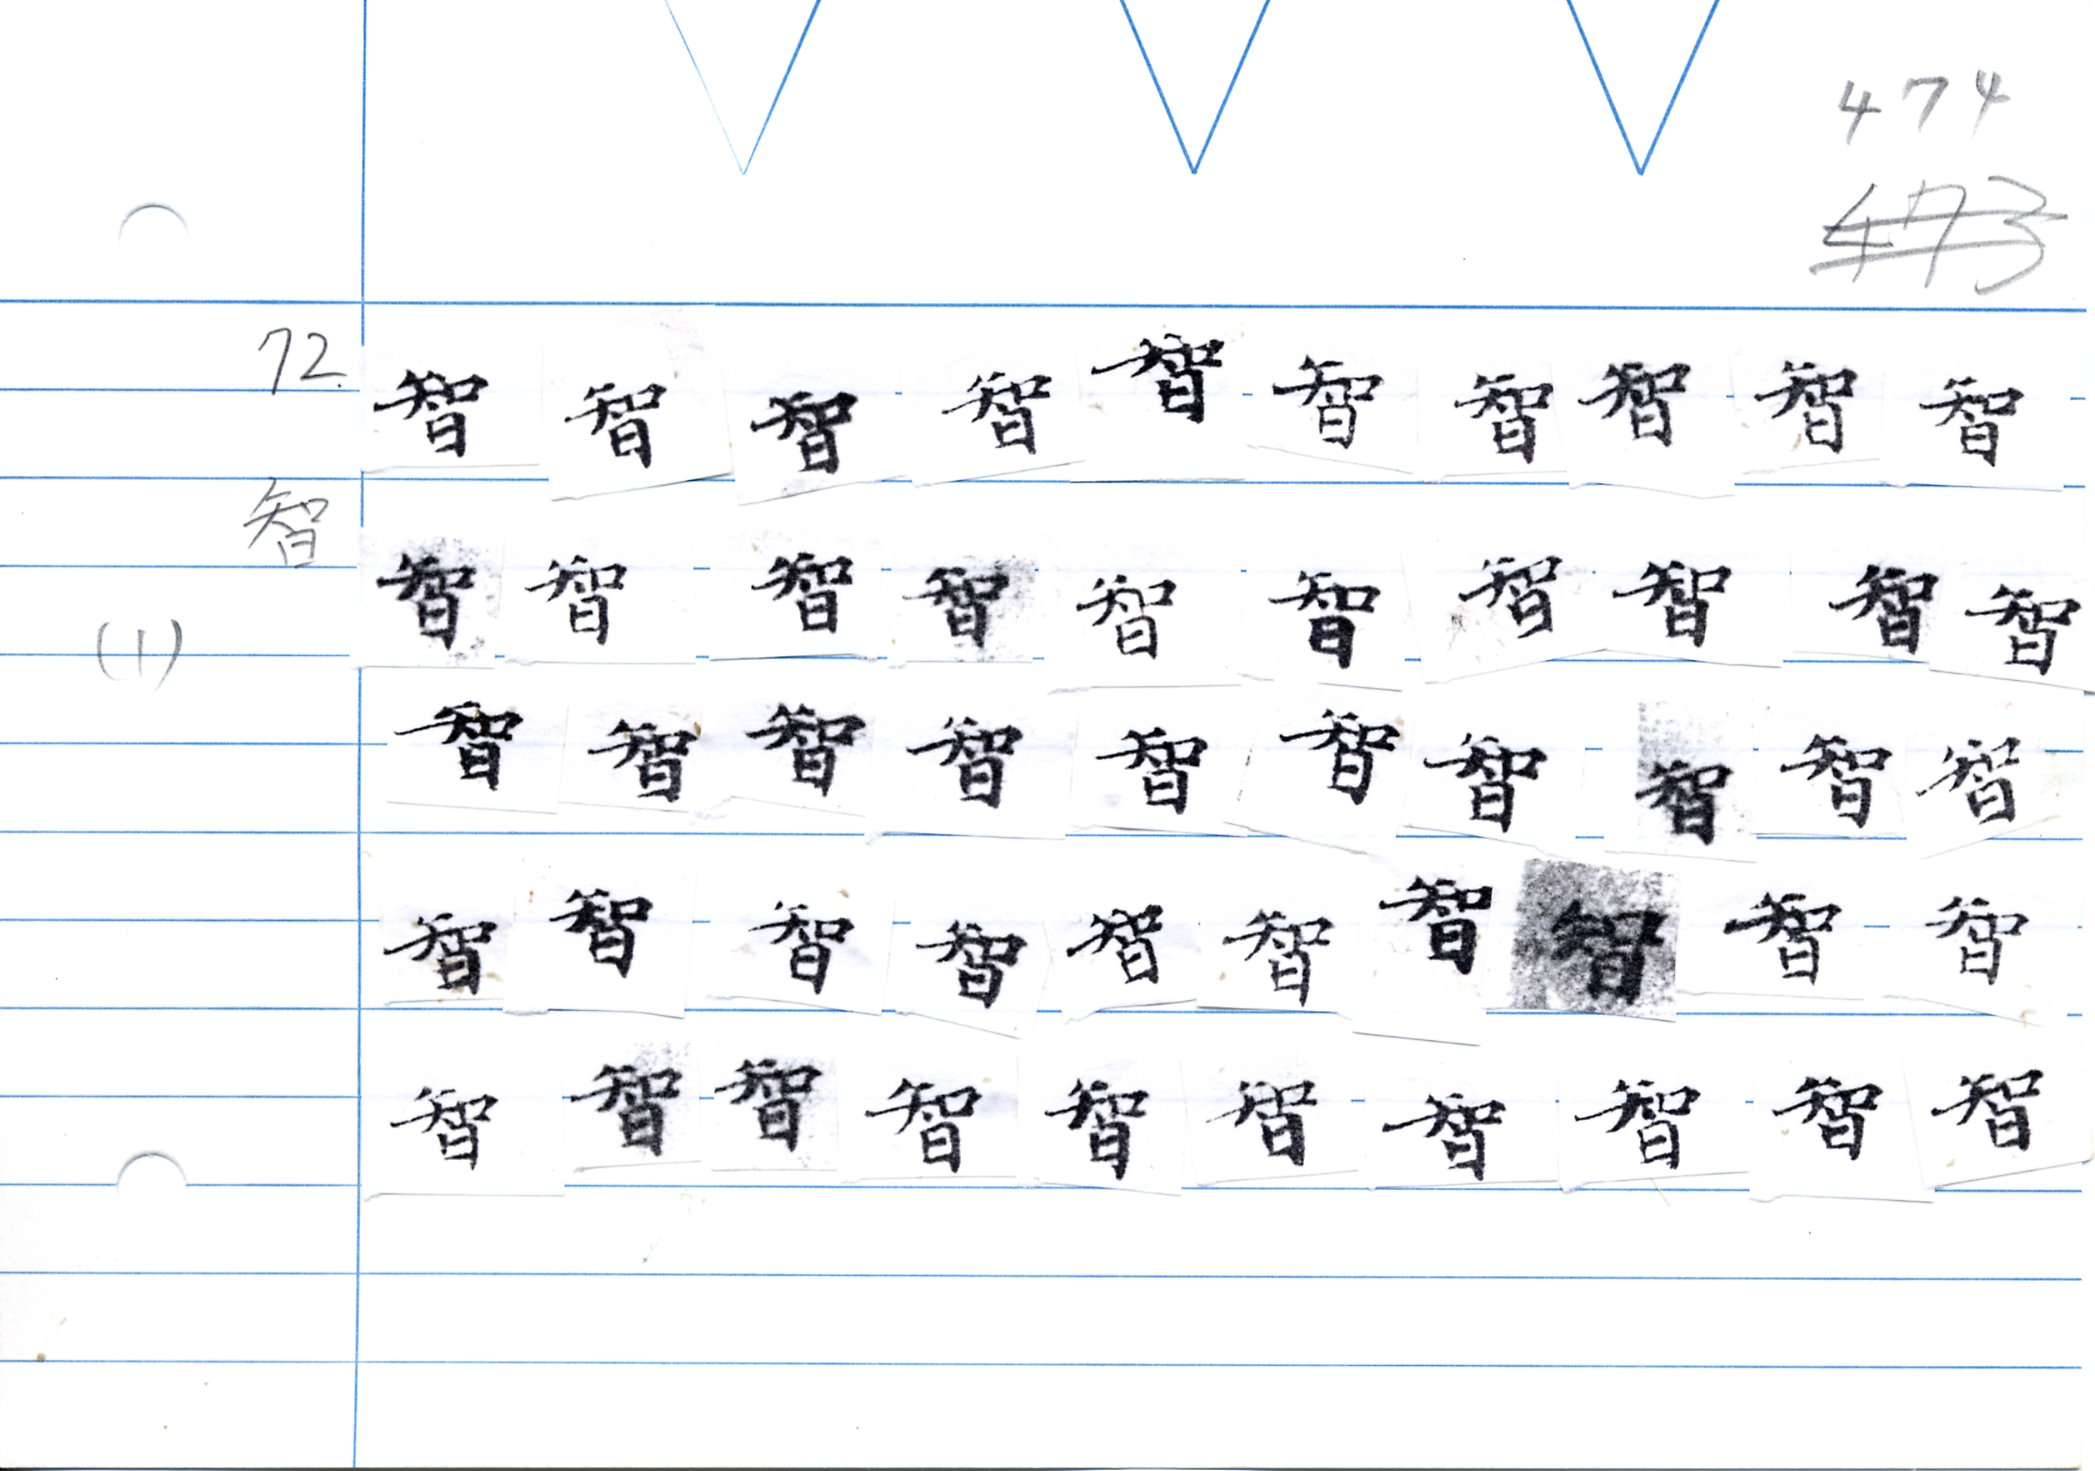 54_大般若經卷二百五十(和銅經)/cards/0111.JPG